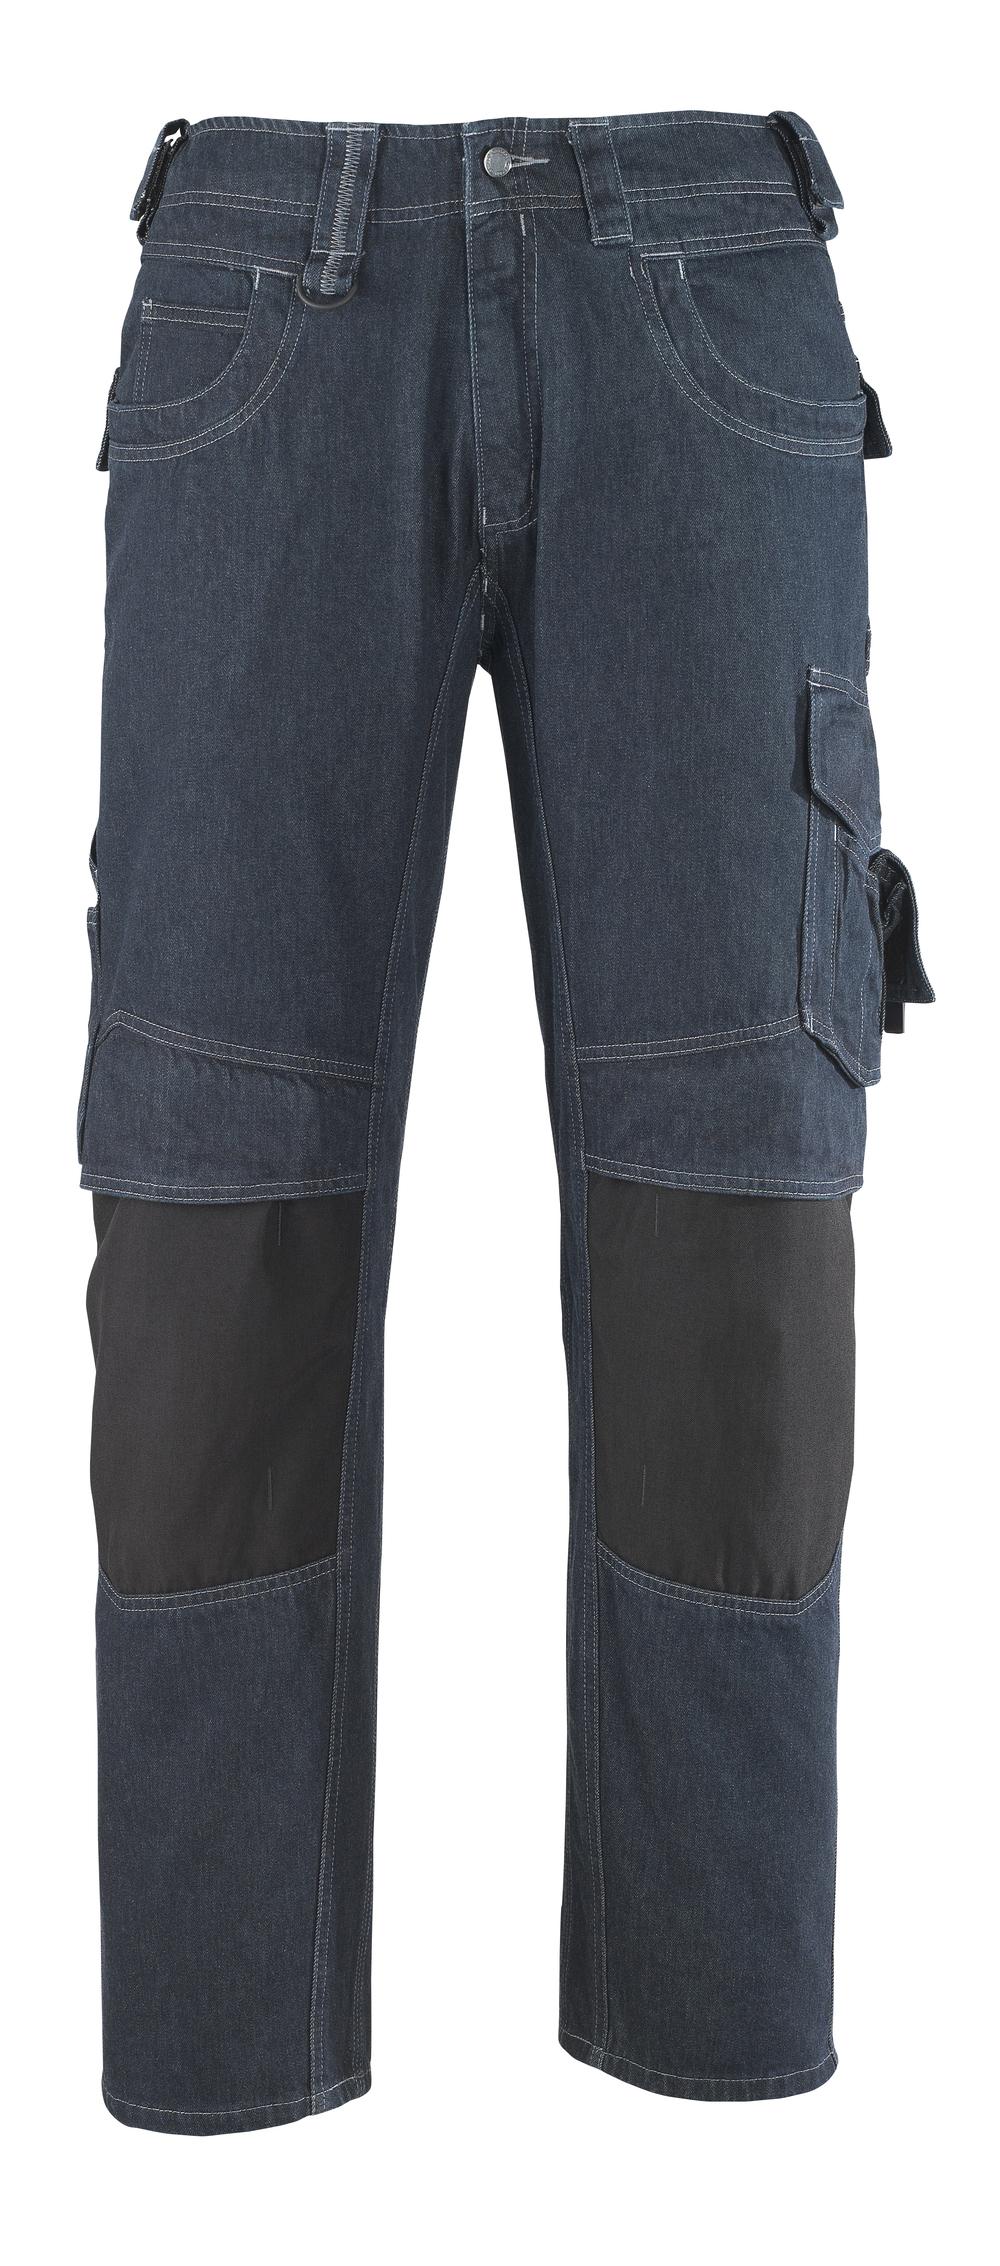 13279-207-B52 Dżinsy z kieszeniami na kolanach - ciemnoniebieski